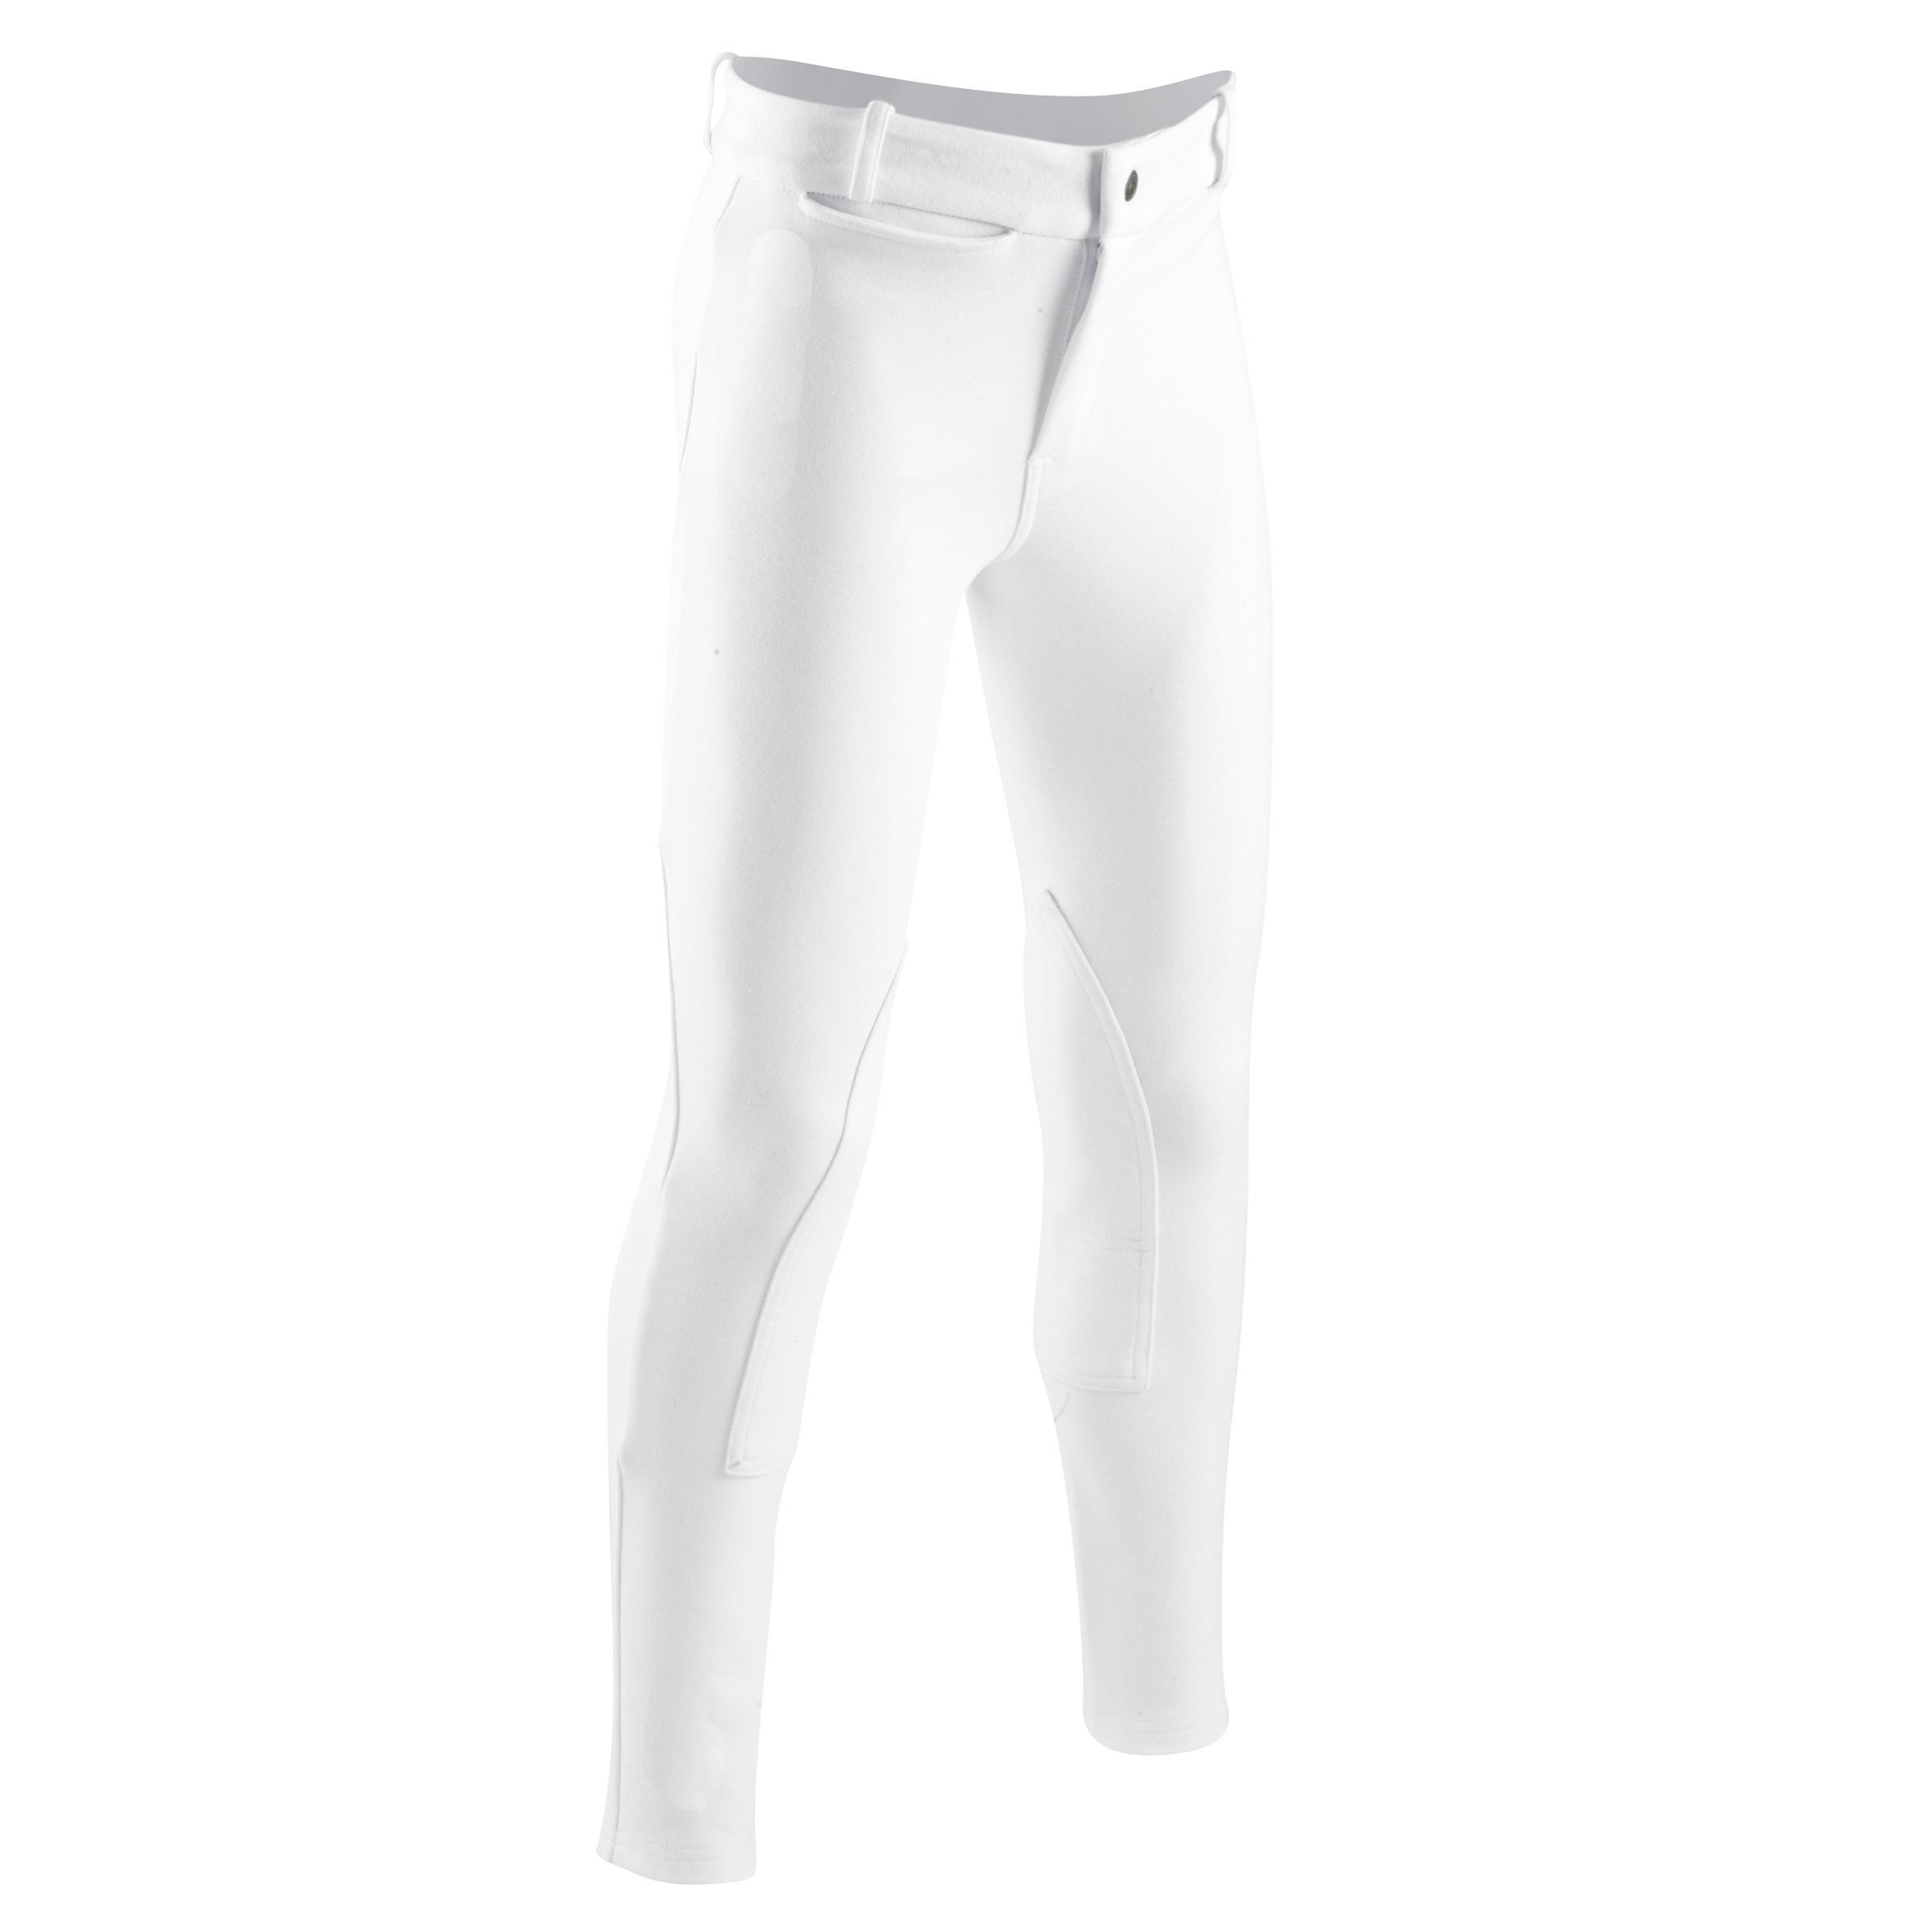 Fouganza Pantalon de concours équitation enfant 100 blanc - Fouganza